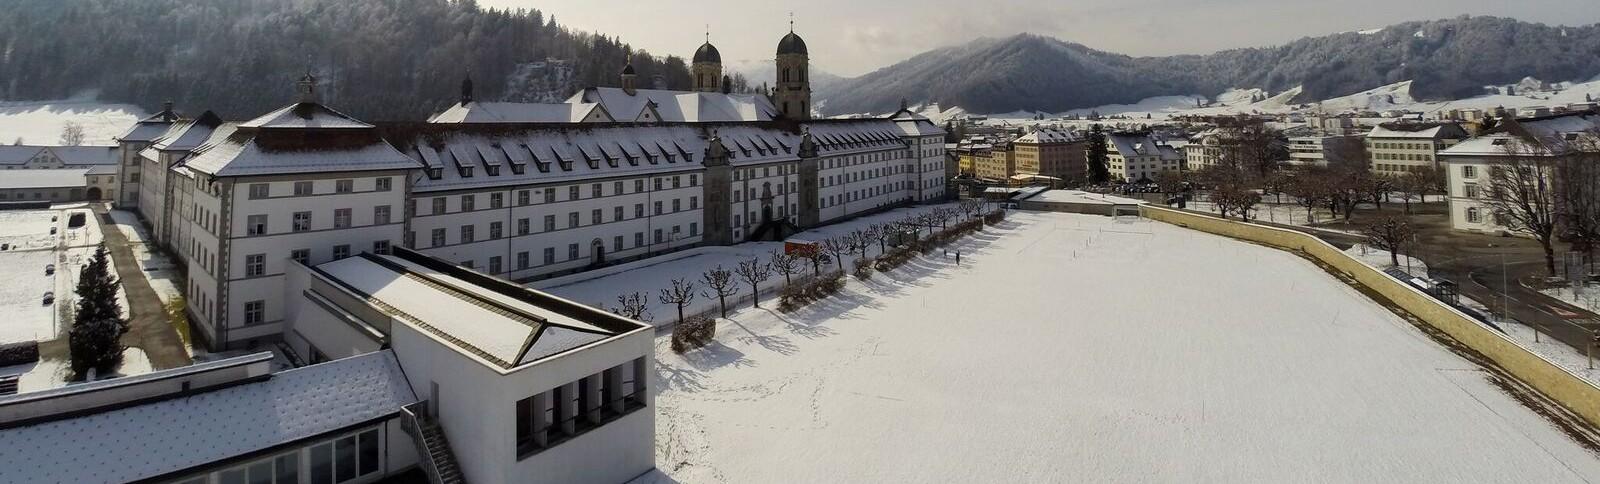 © Stiftsschule Einsiedeln